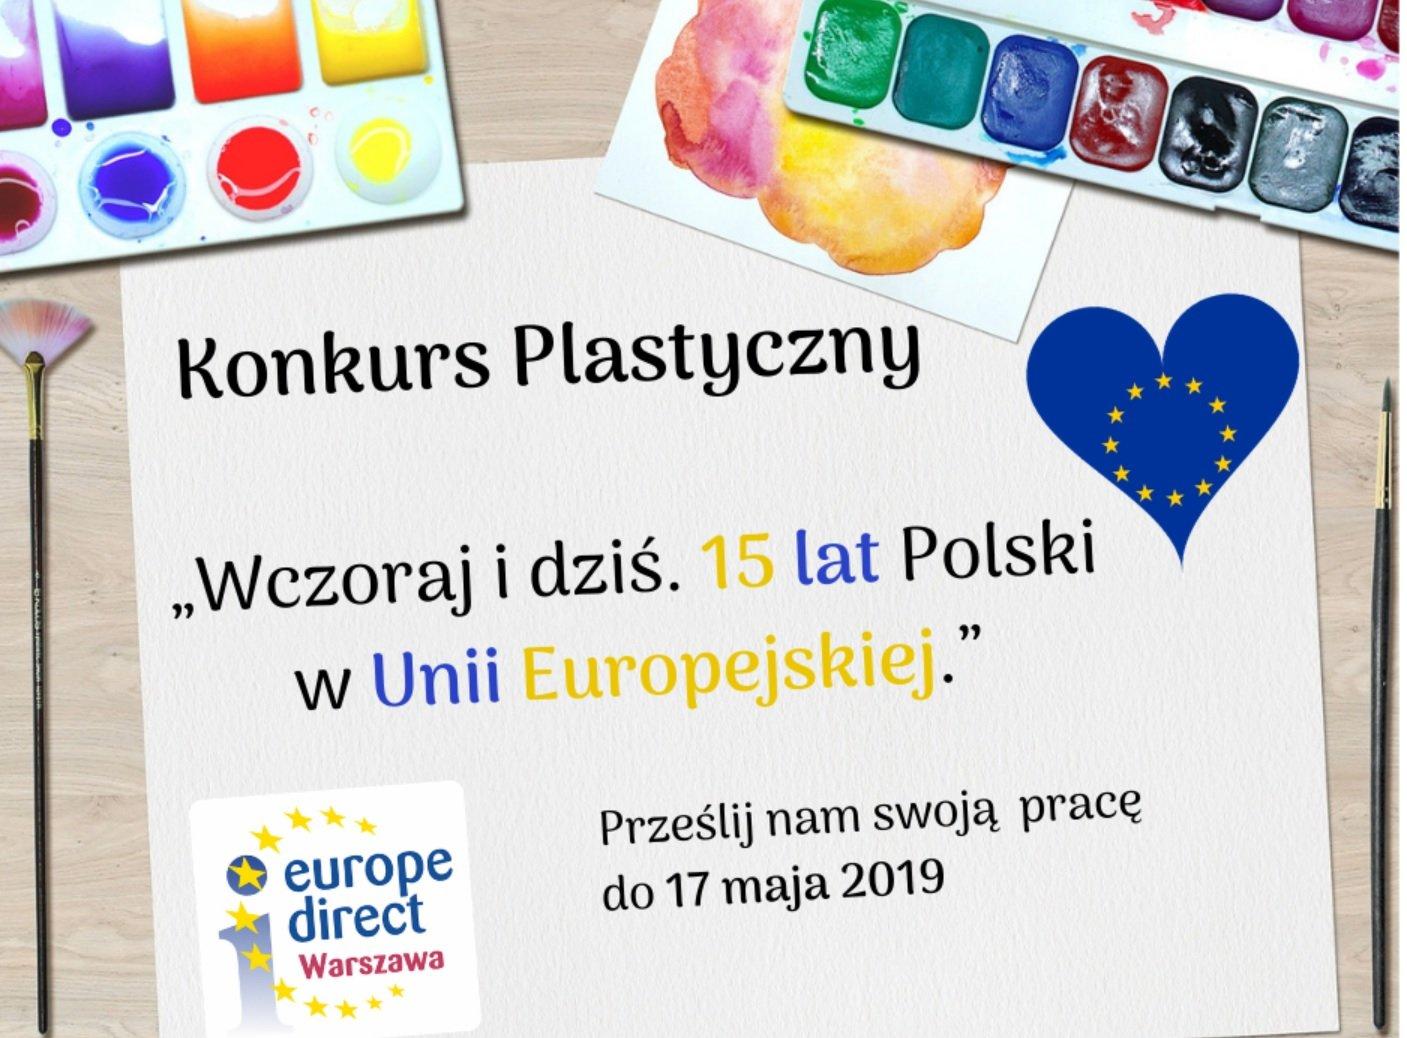 Konkurs plastyczny: Wczoraj i dziś. 15 lat Polski w Unii Europejskiej